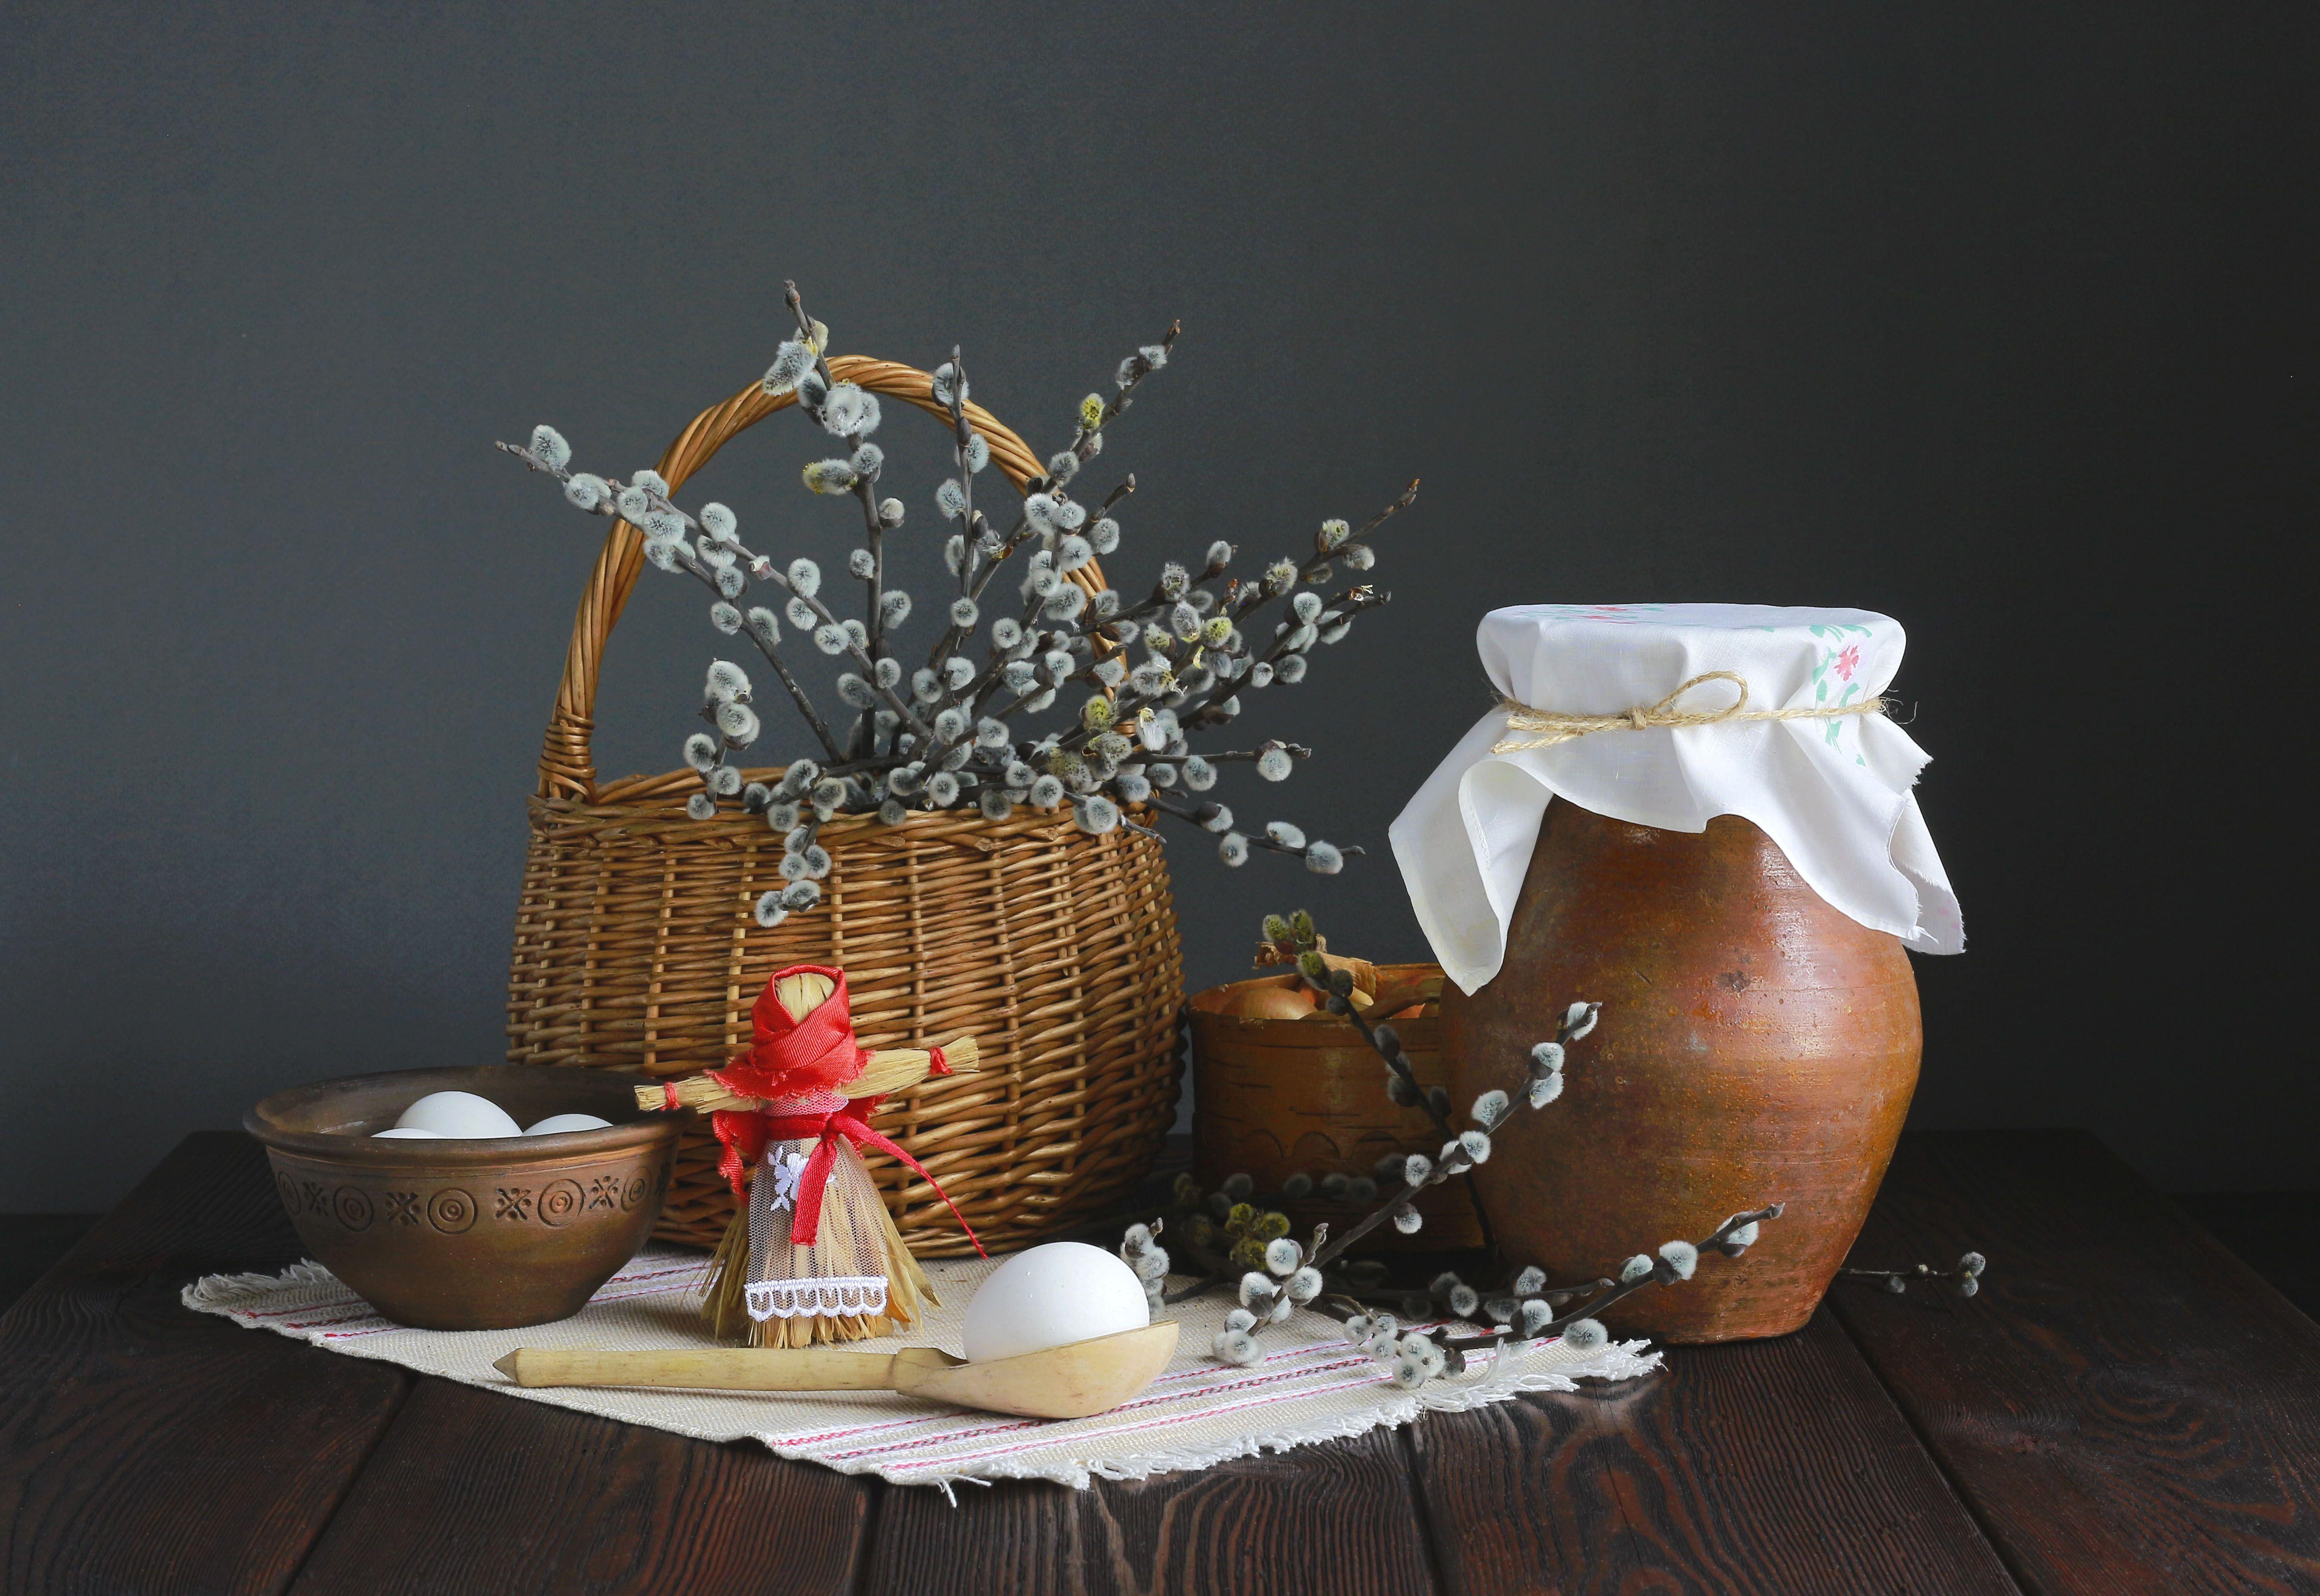 натюрморт, фотонатюрморт, верба, яйца, весна, наталья казанцева, Казанцева Наталья